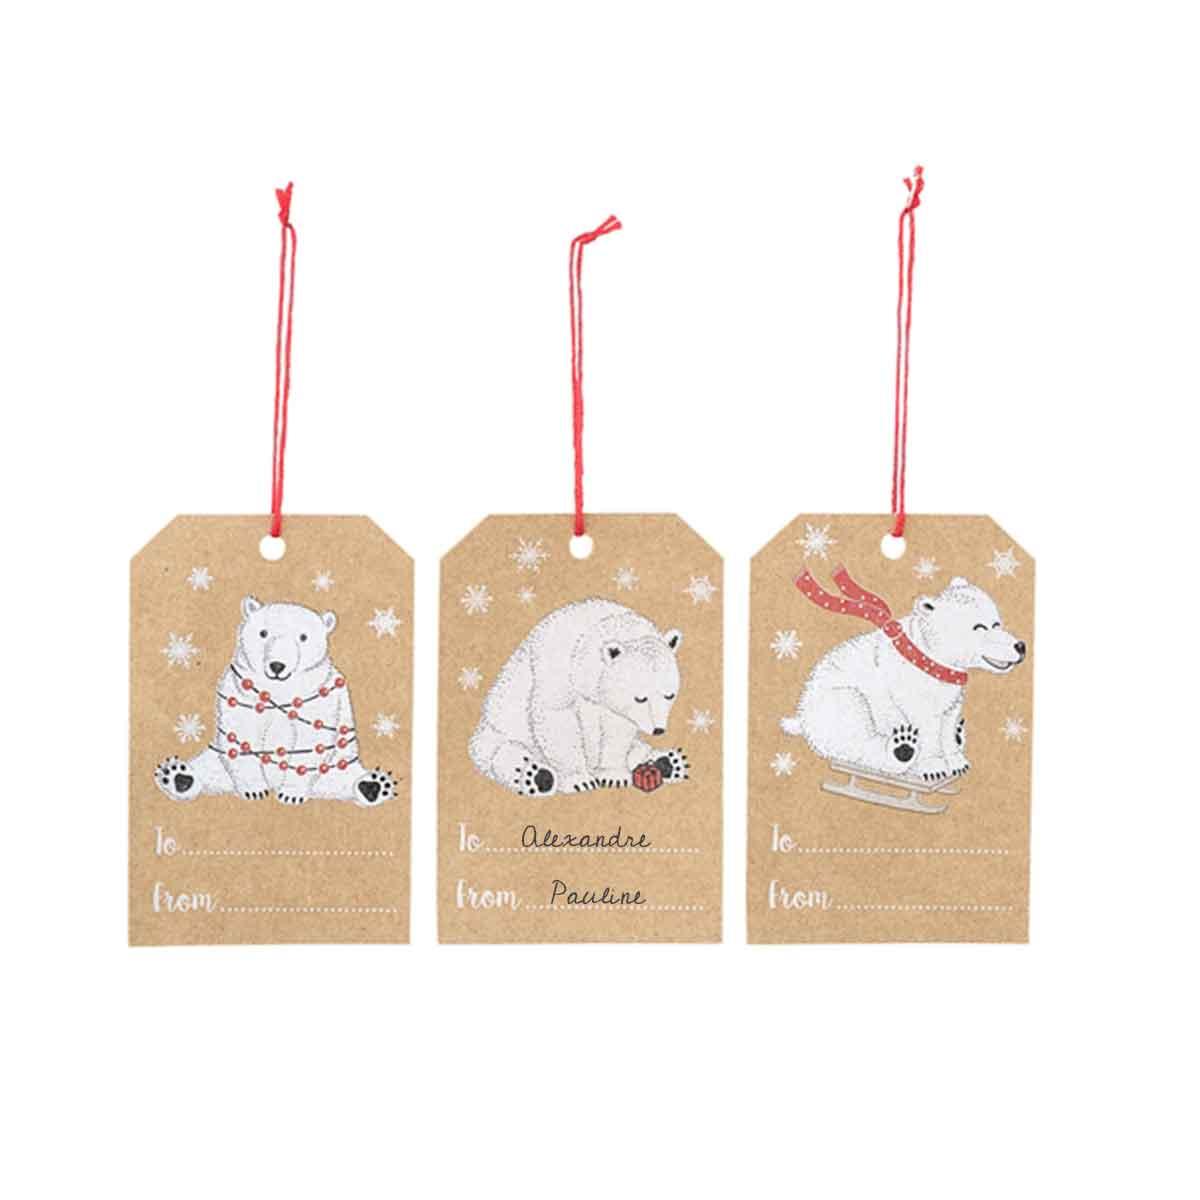 étiquettes en carton kraft pour cadeaux avec motifs ours blanc